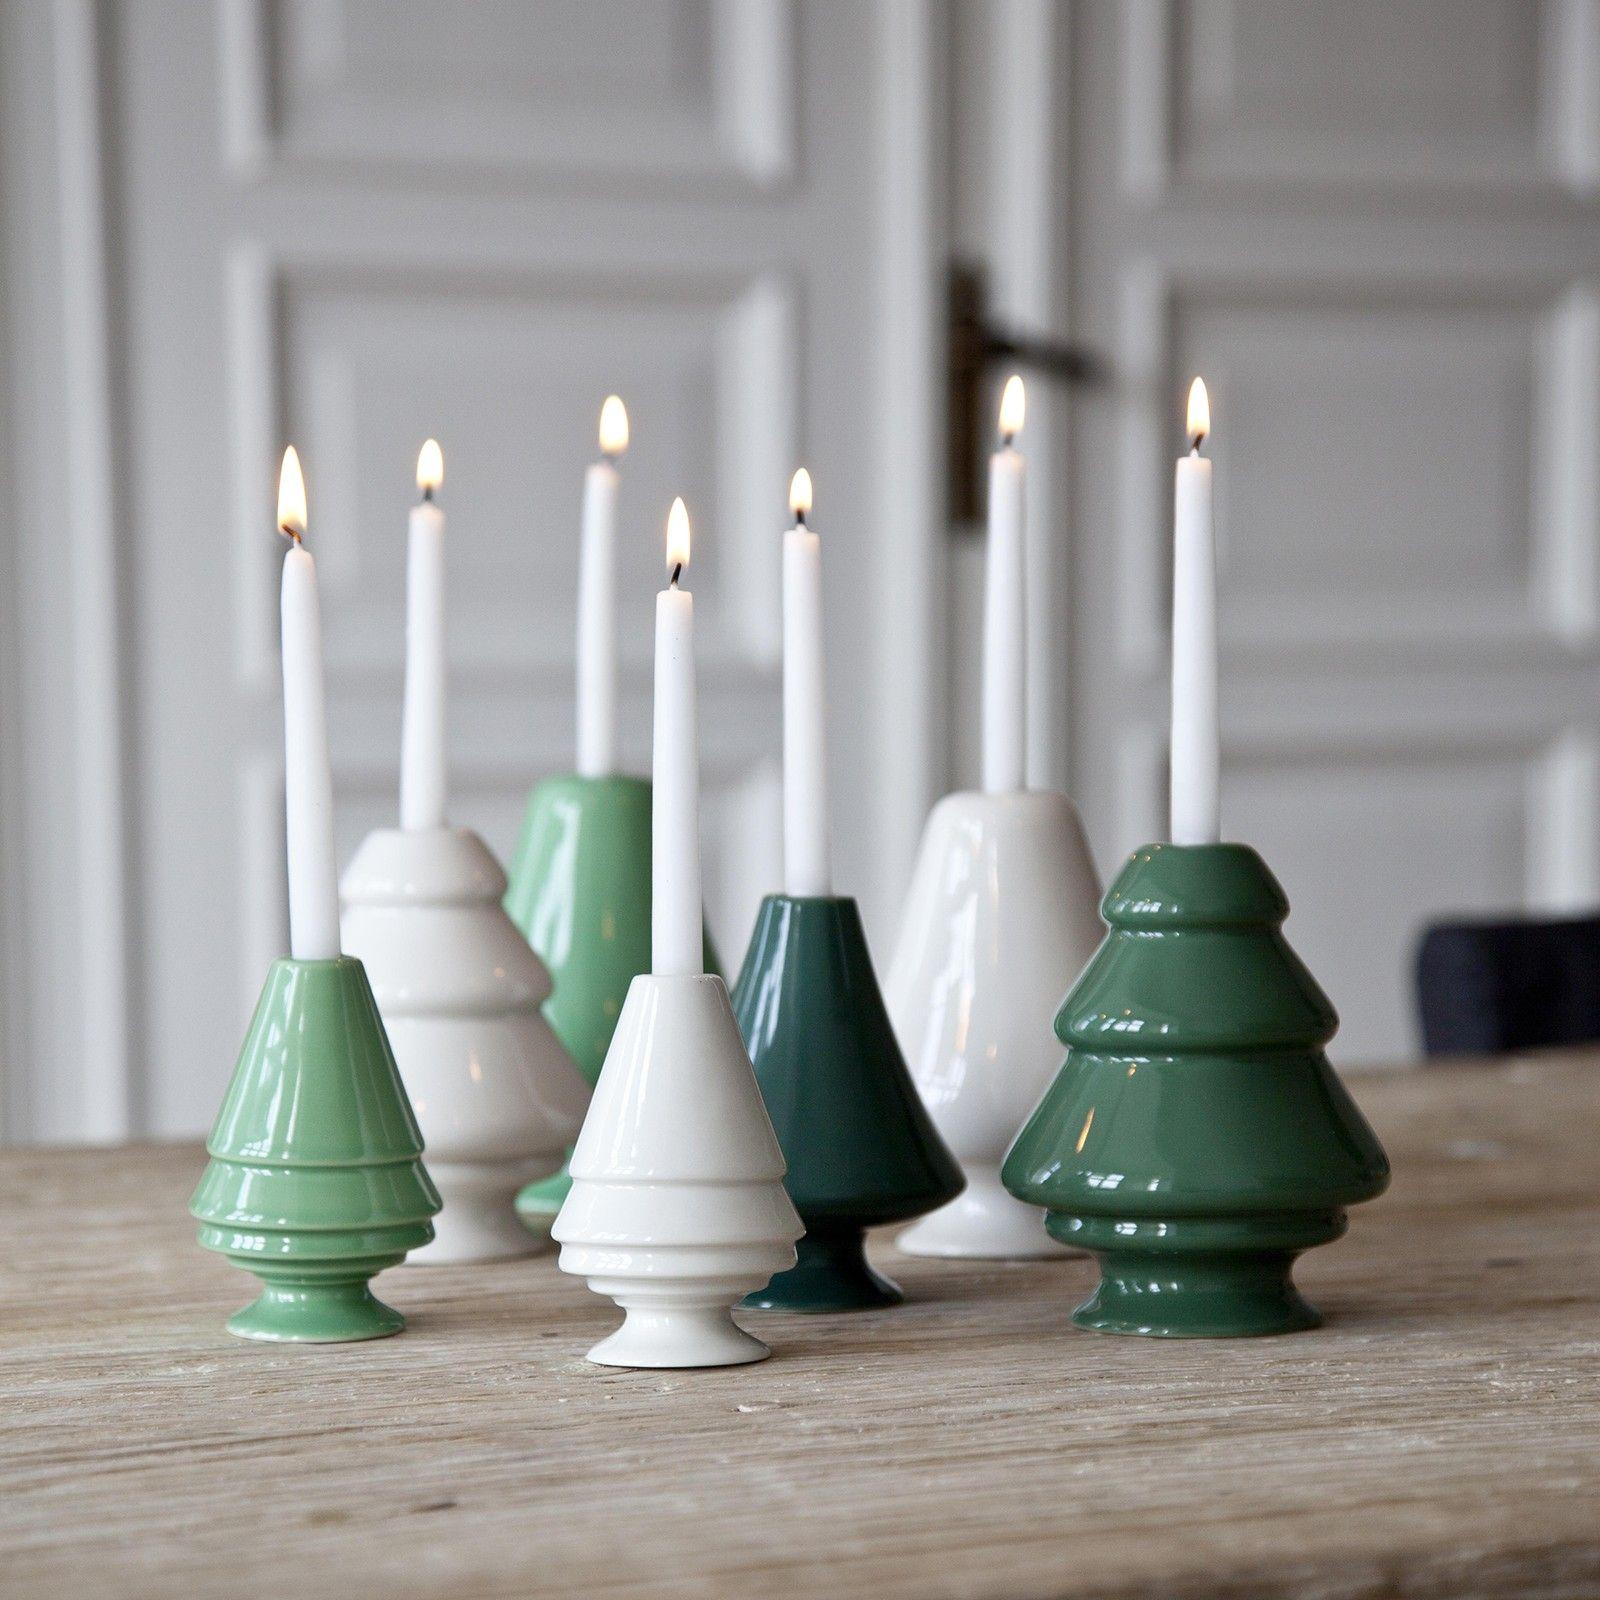 Avvento Lysestager i grøn og hvid. Jeg ønsker mig dem i forskellige størrelser, se evt. de stager, jeg har pinnet :-)